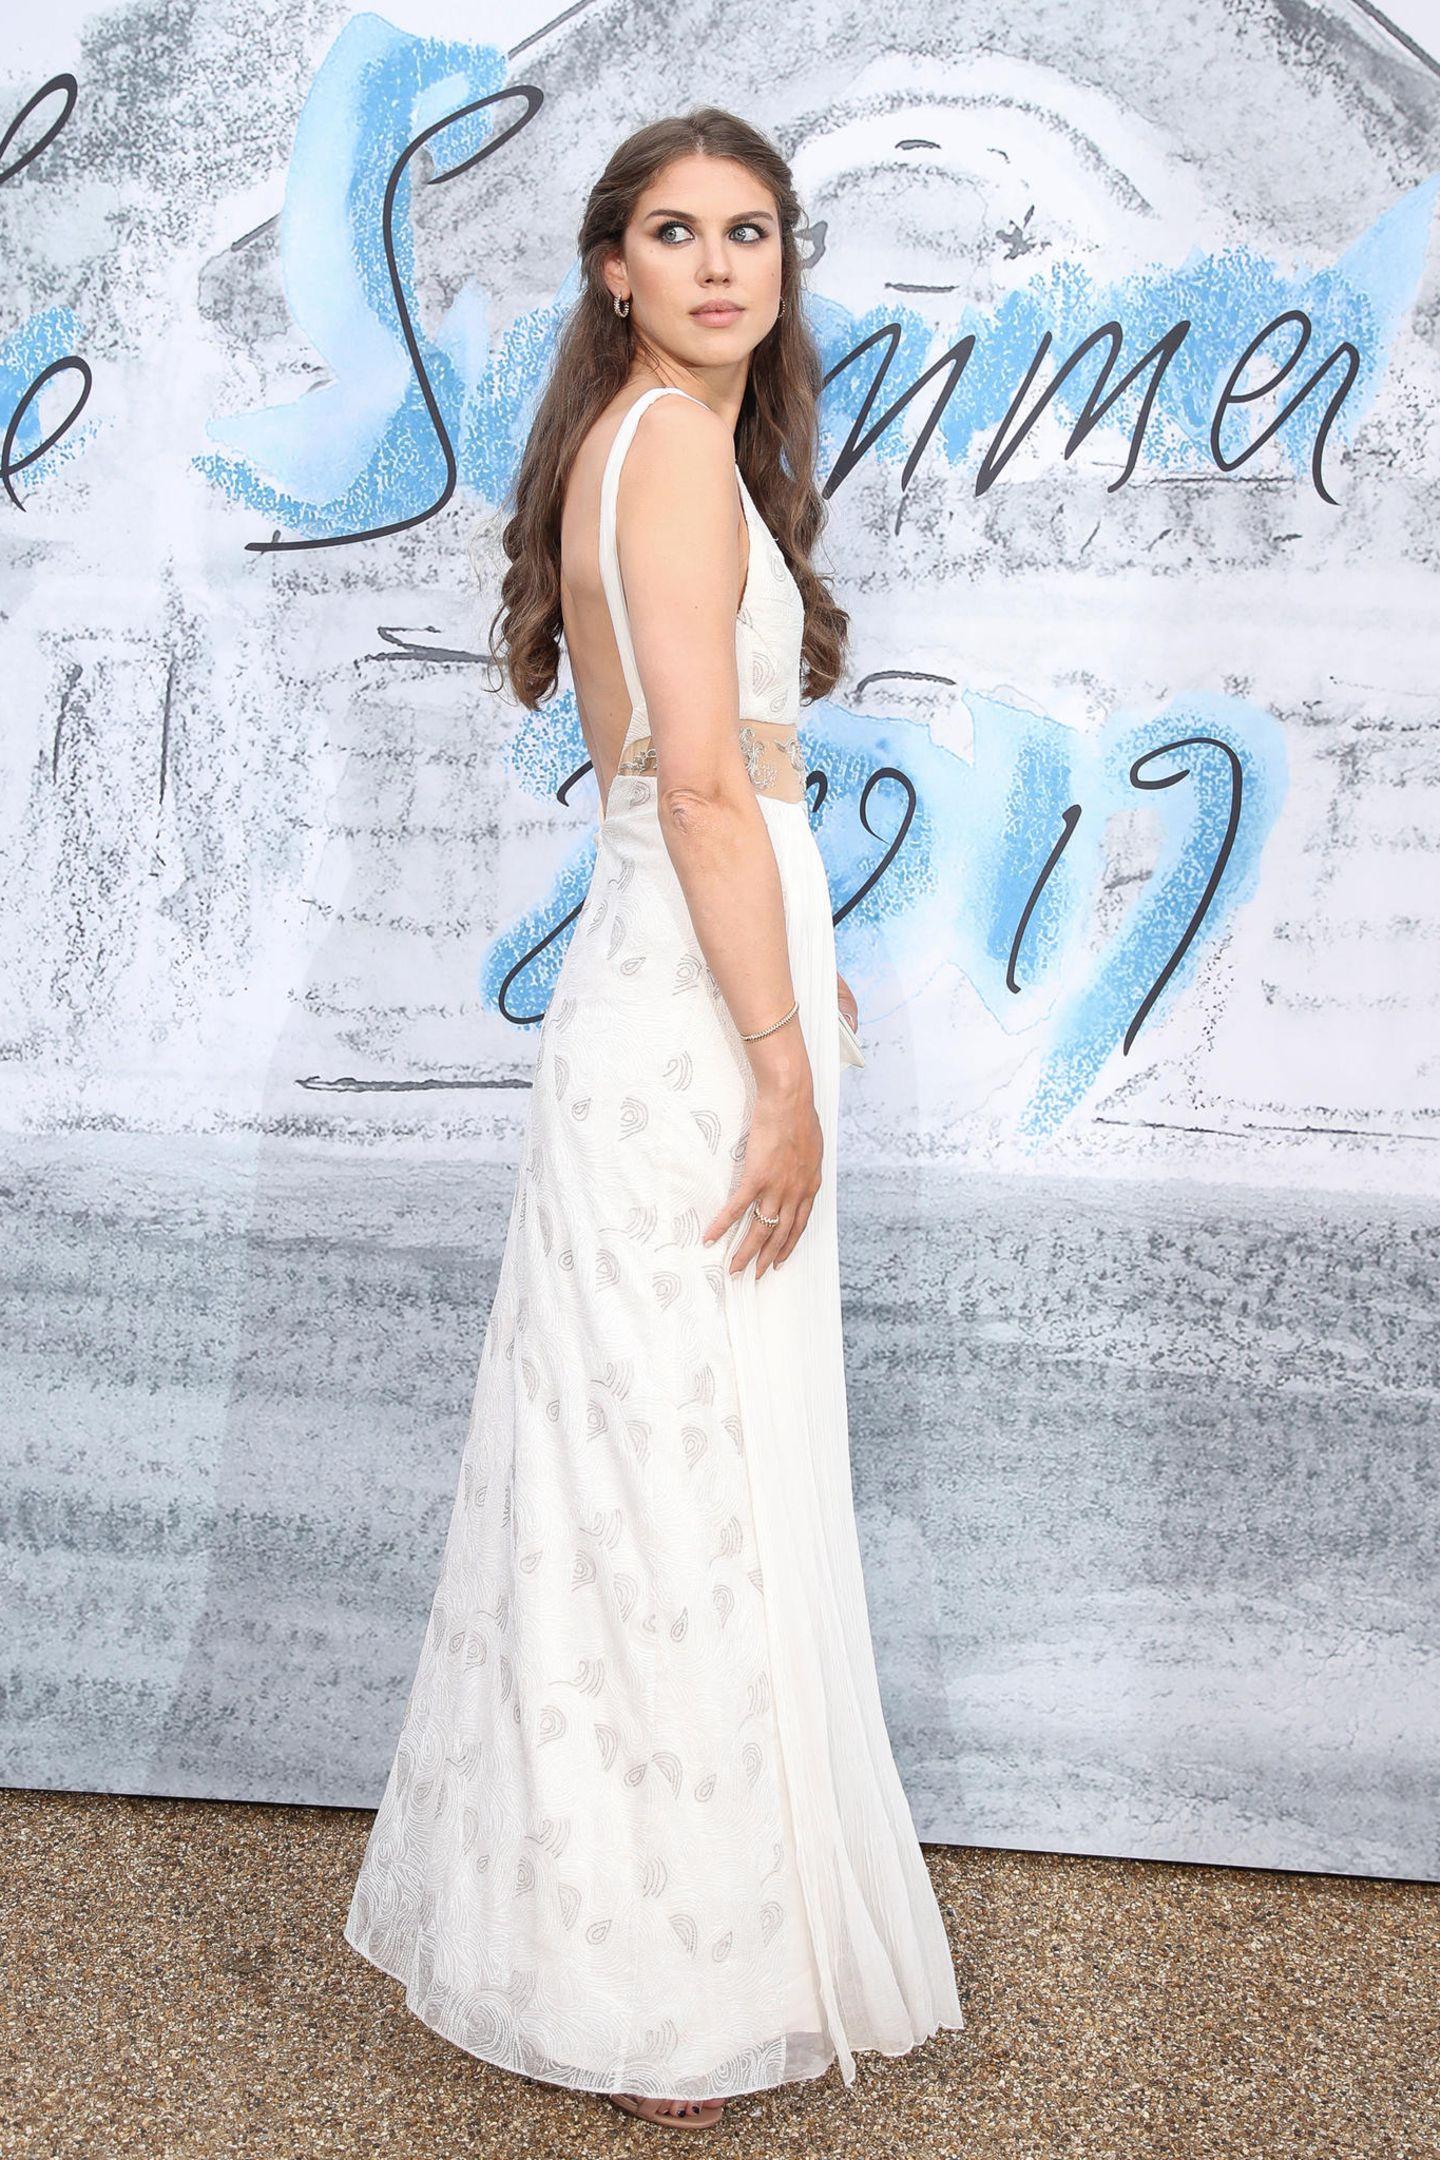 Lady Sabrina Percy wirkt in einem weißen Kleid ganz elfenhaft. Es bezaubert durch einen tiefen Rückenausschnitt, einen transparenten Einsatz in der Taille und feinstem 3D-Stoff.